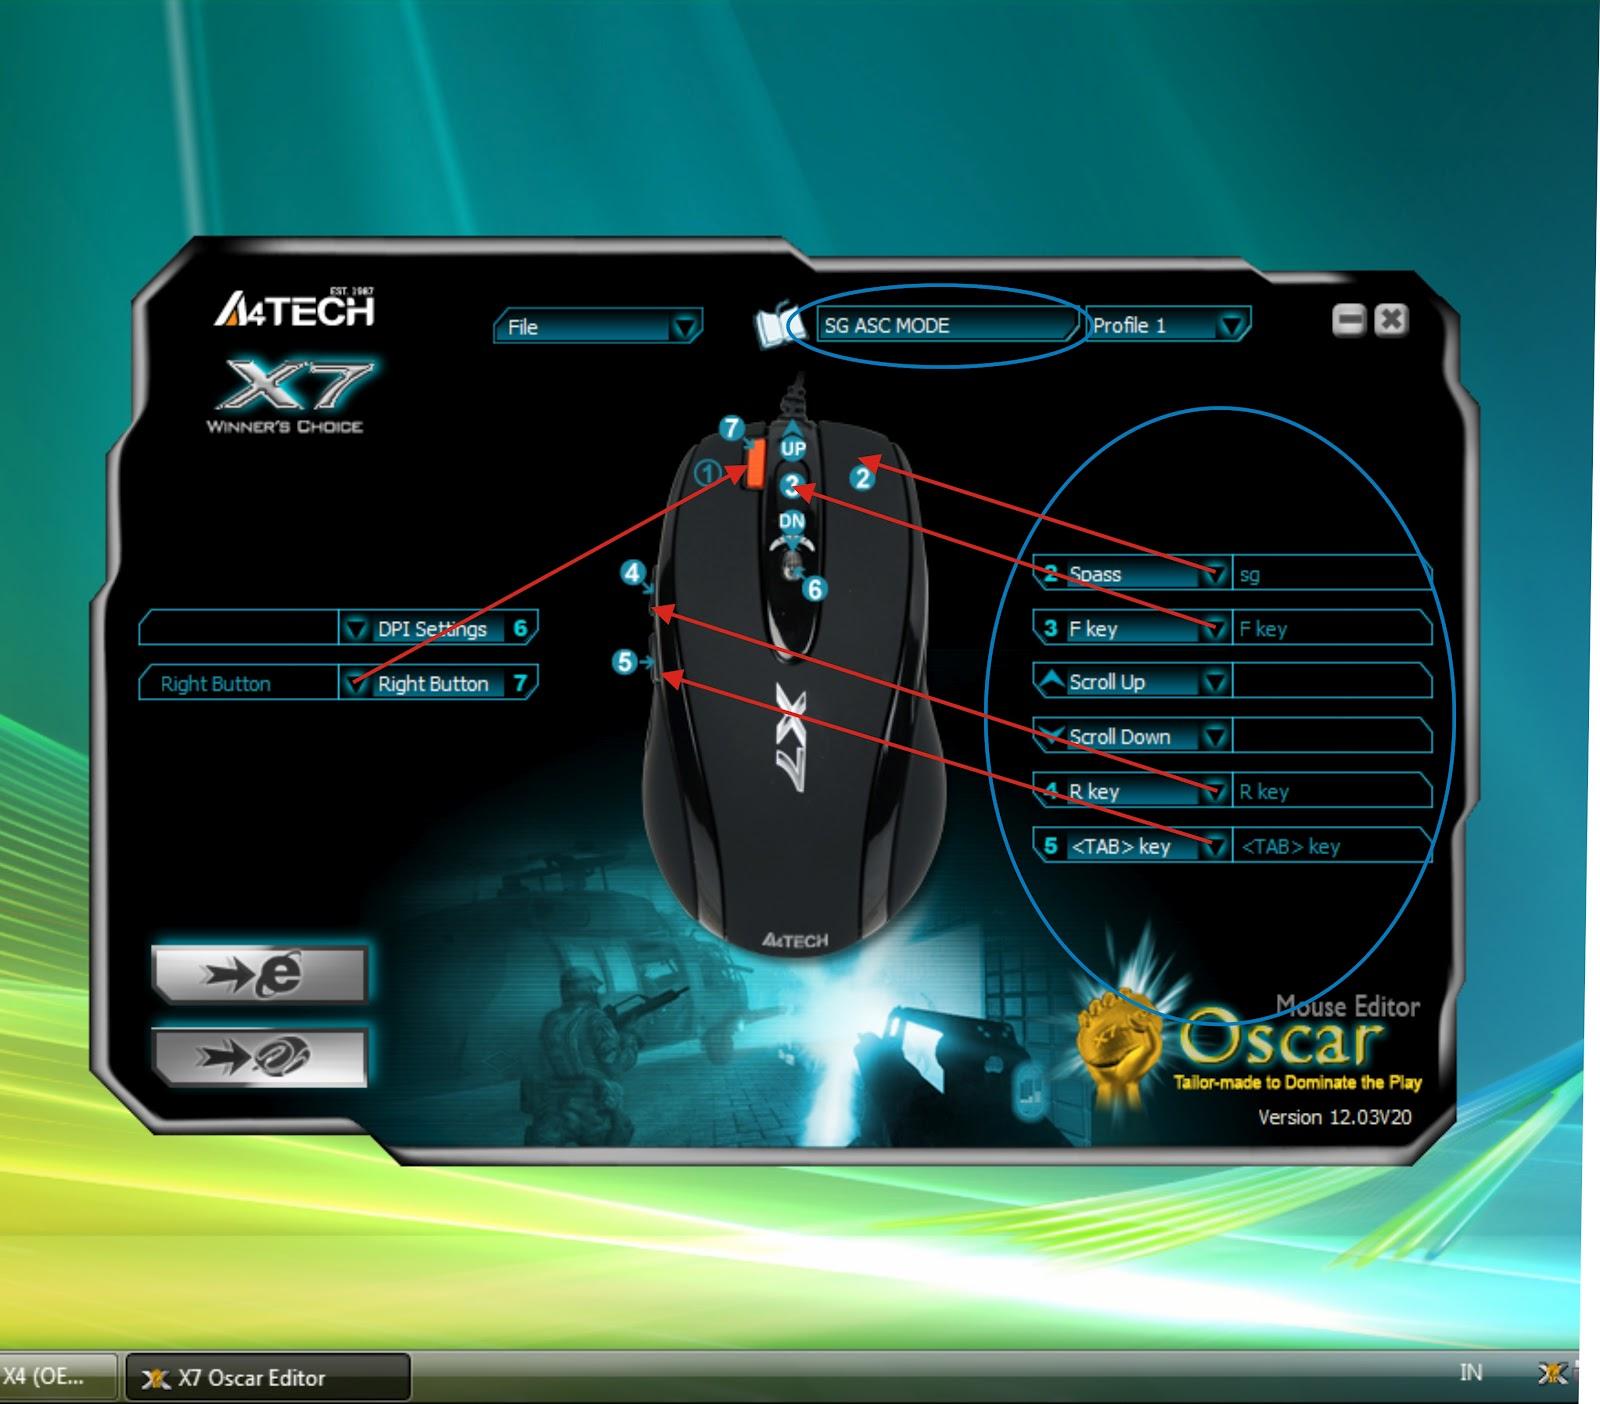 Oscar mouse editor 12. 0 download (free) oscareditor. Exe.